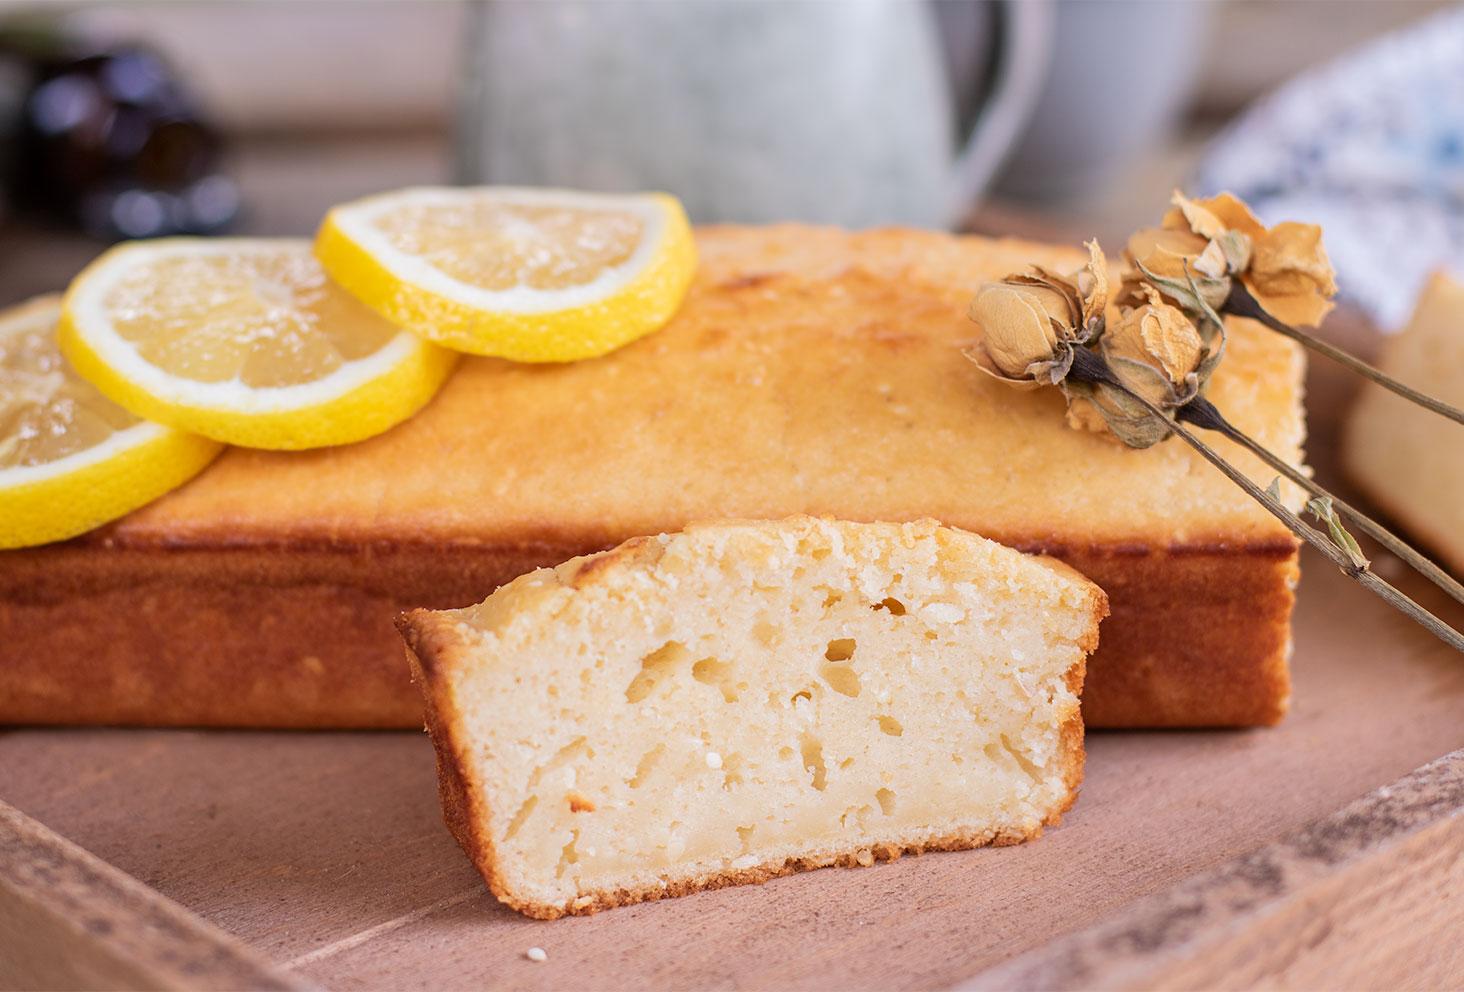 Zoom sur une part de lemon cake moelleux posé sur un plateau en bois devant le cake entier